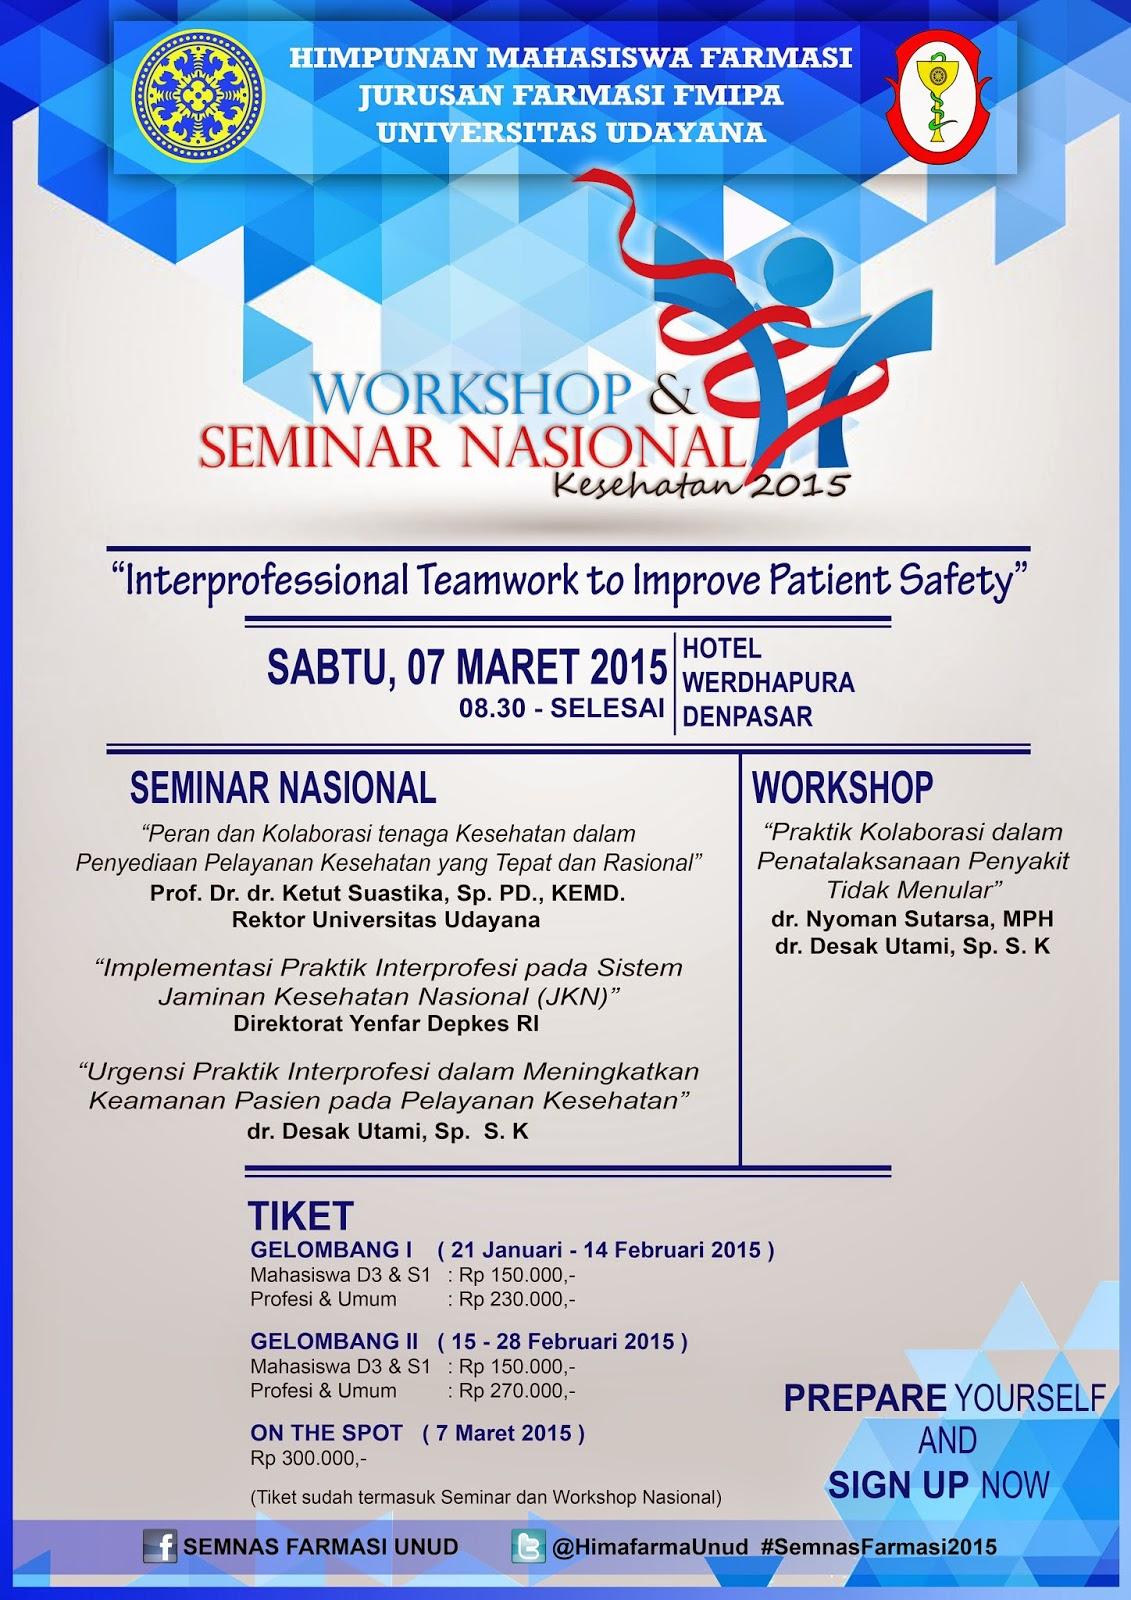 Tema Seminar Kesehatan Terbaru Ug Seminar Workshop Dan Seminar Nasional Kesehatan 2015